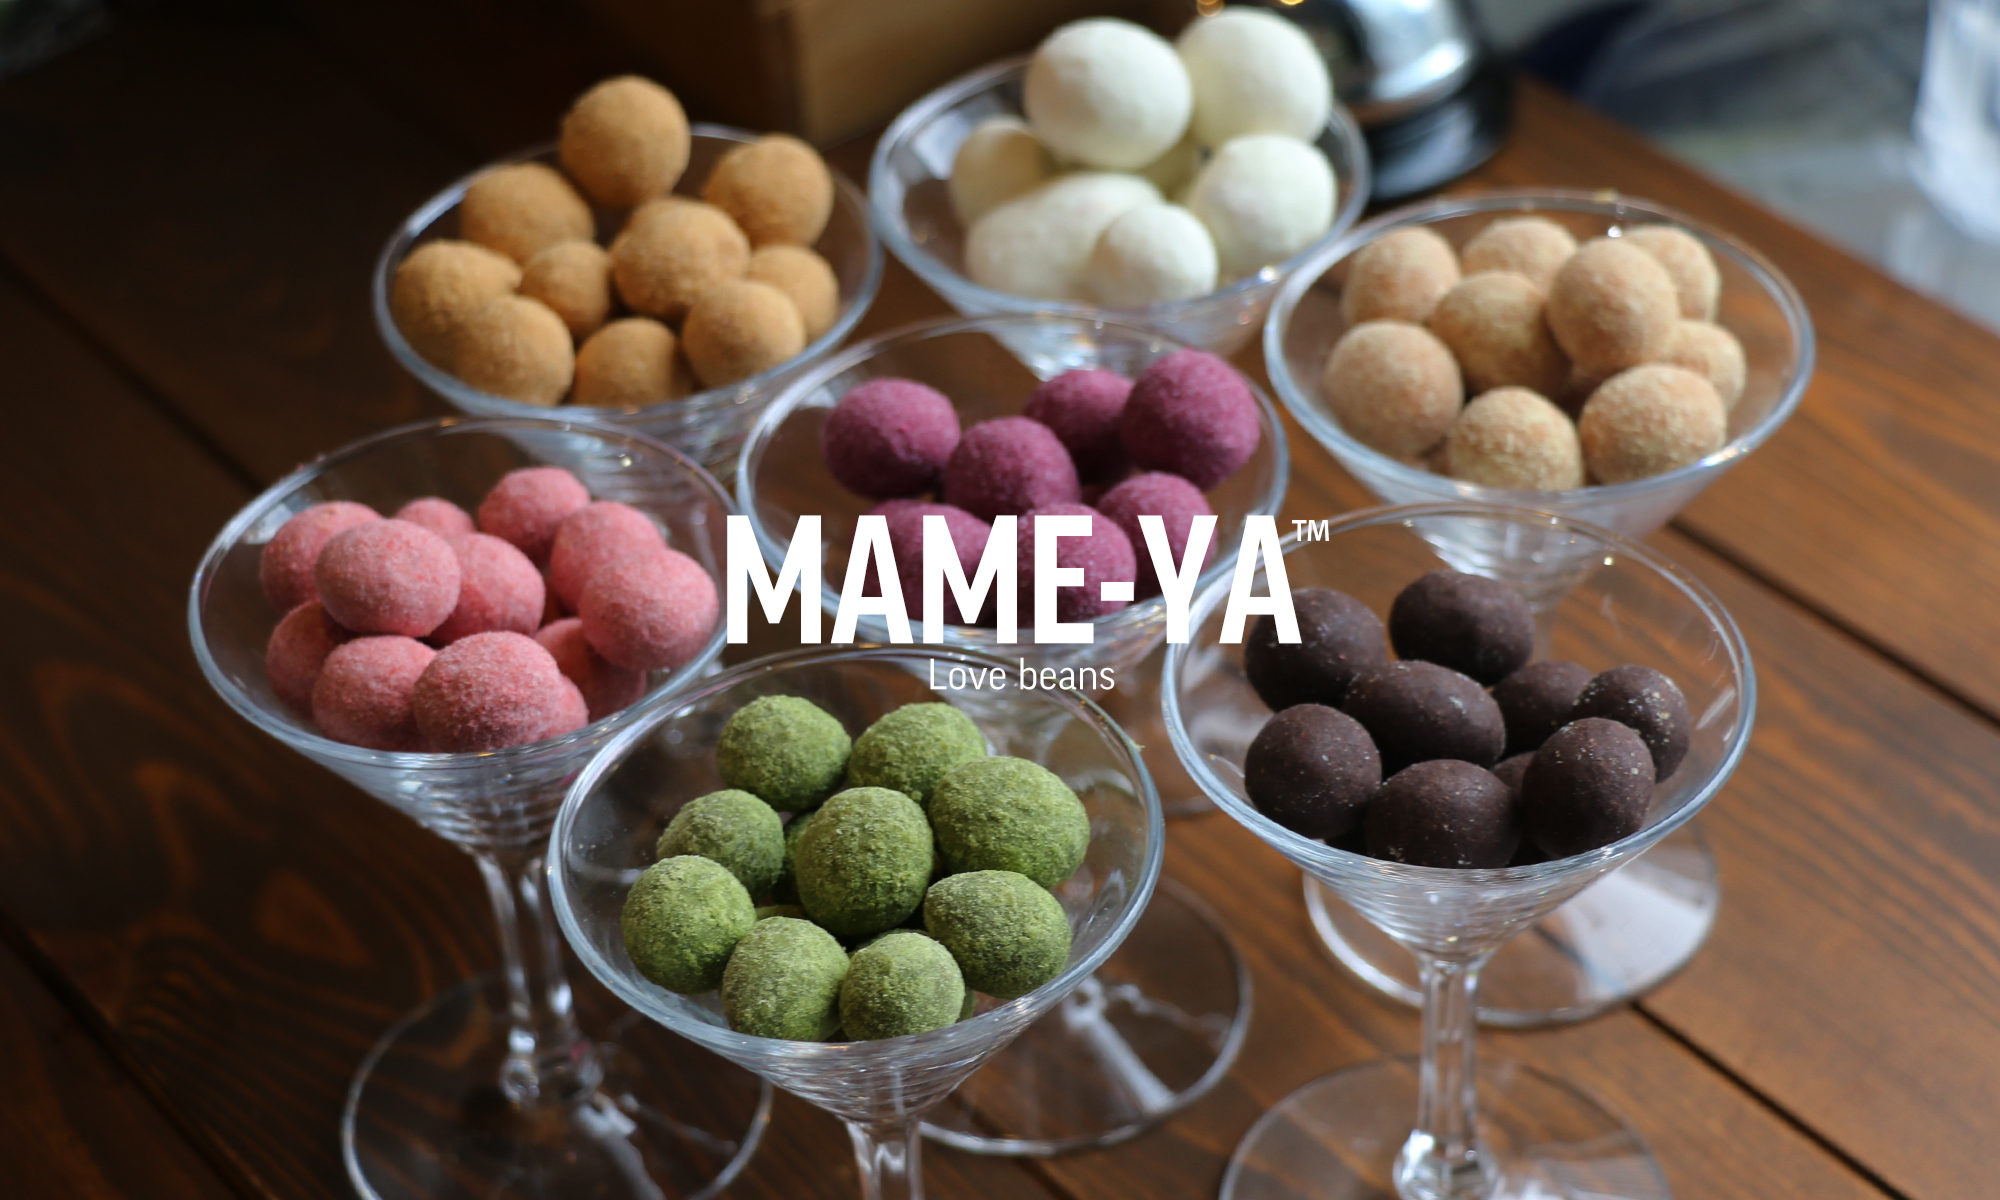 MAME-YA(マミーヤ)